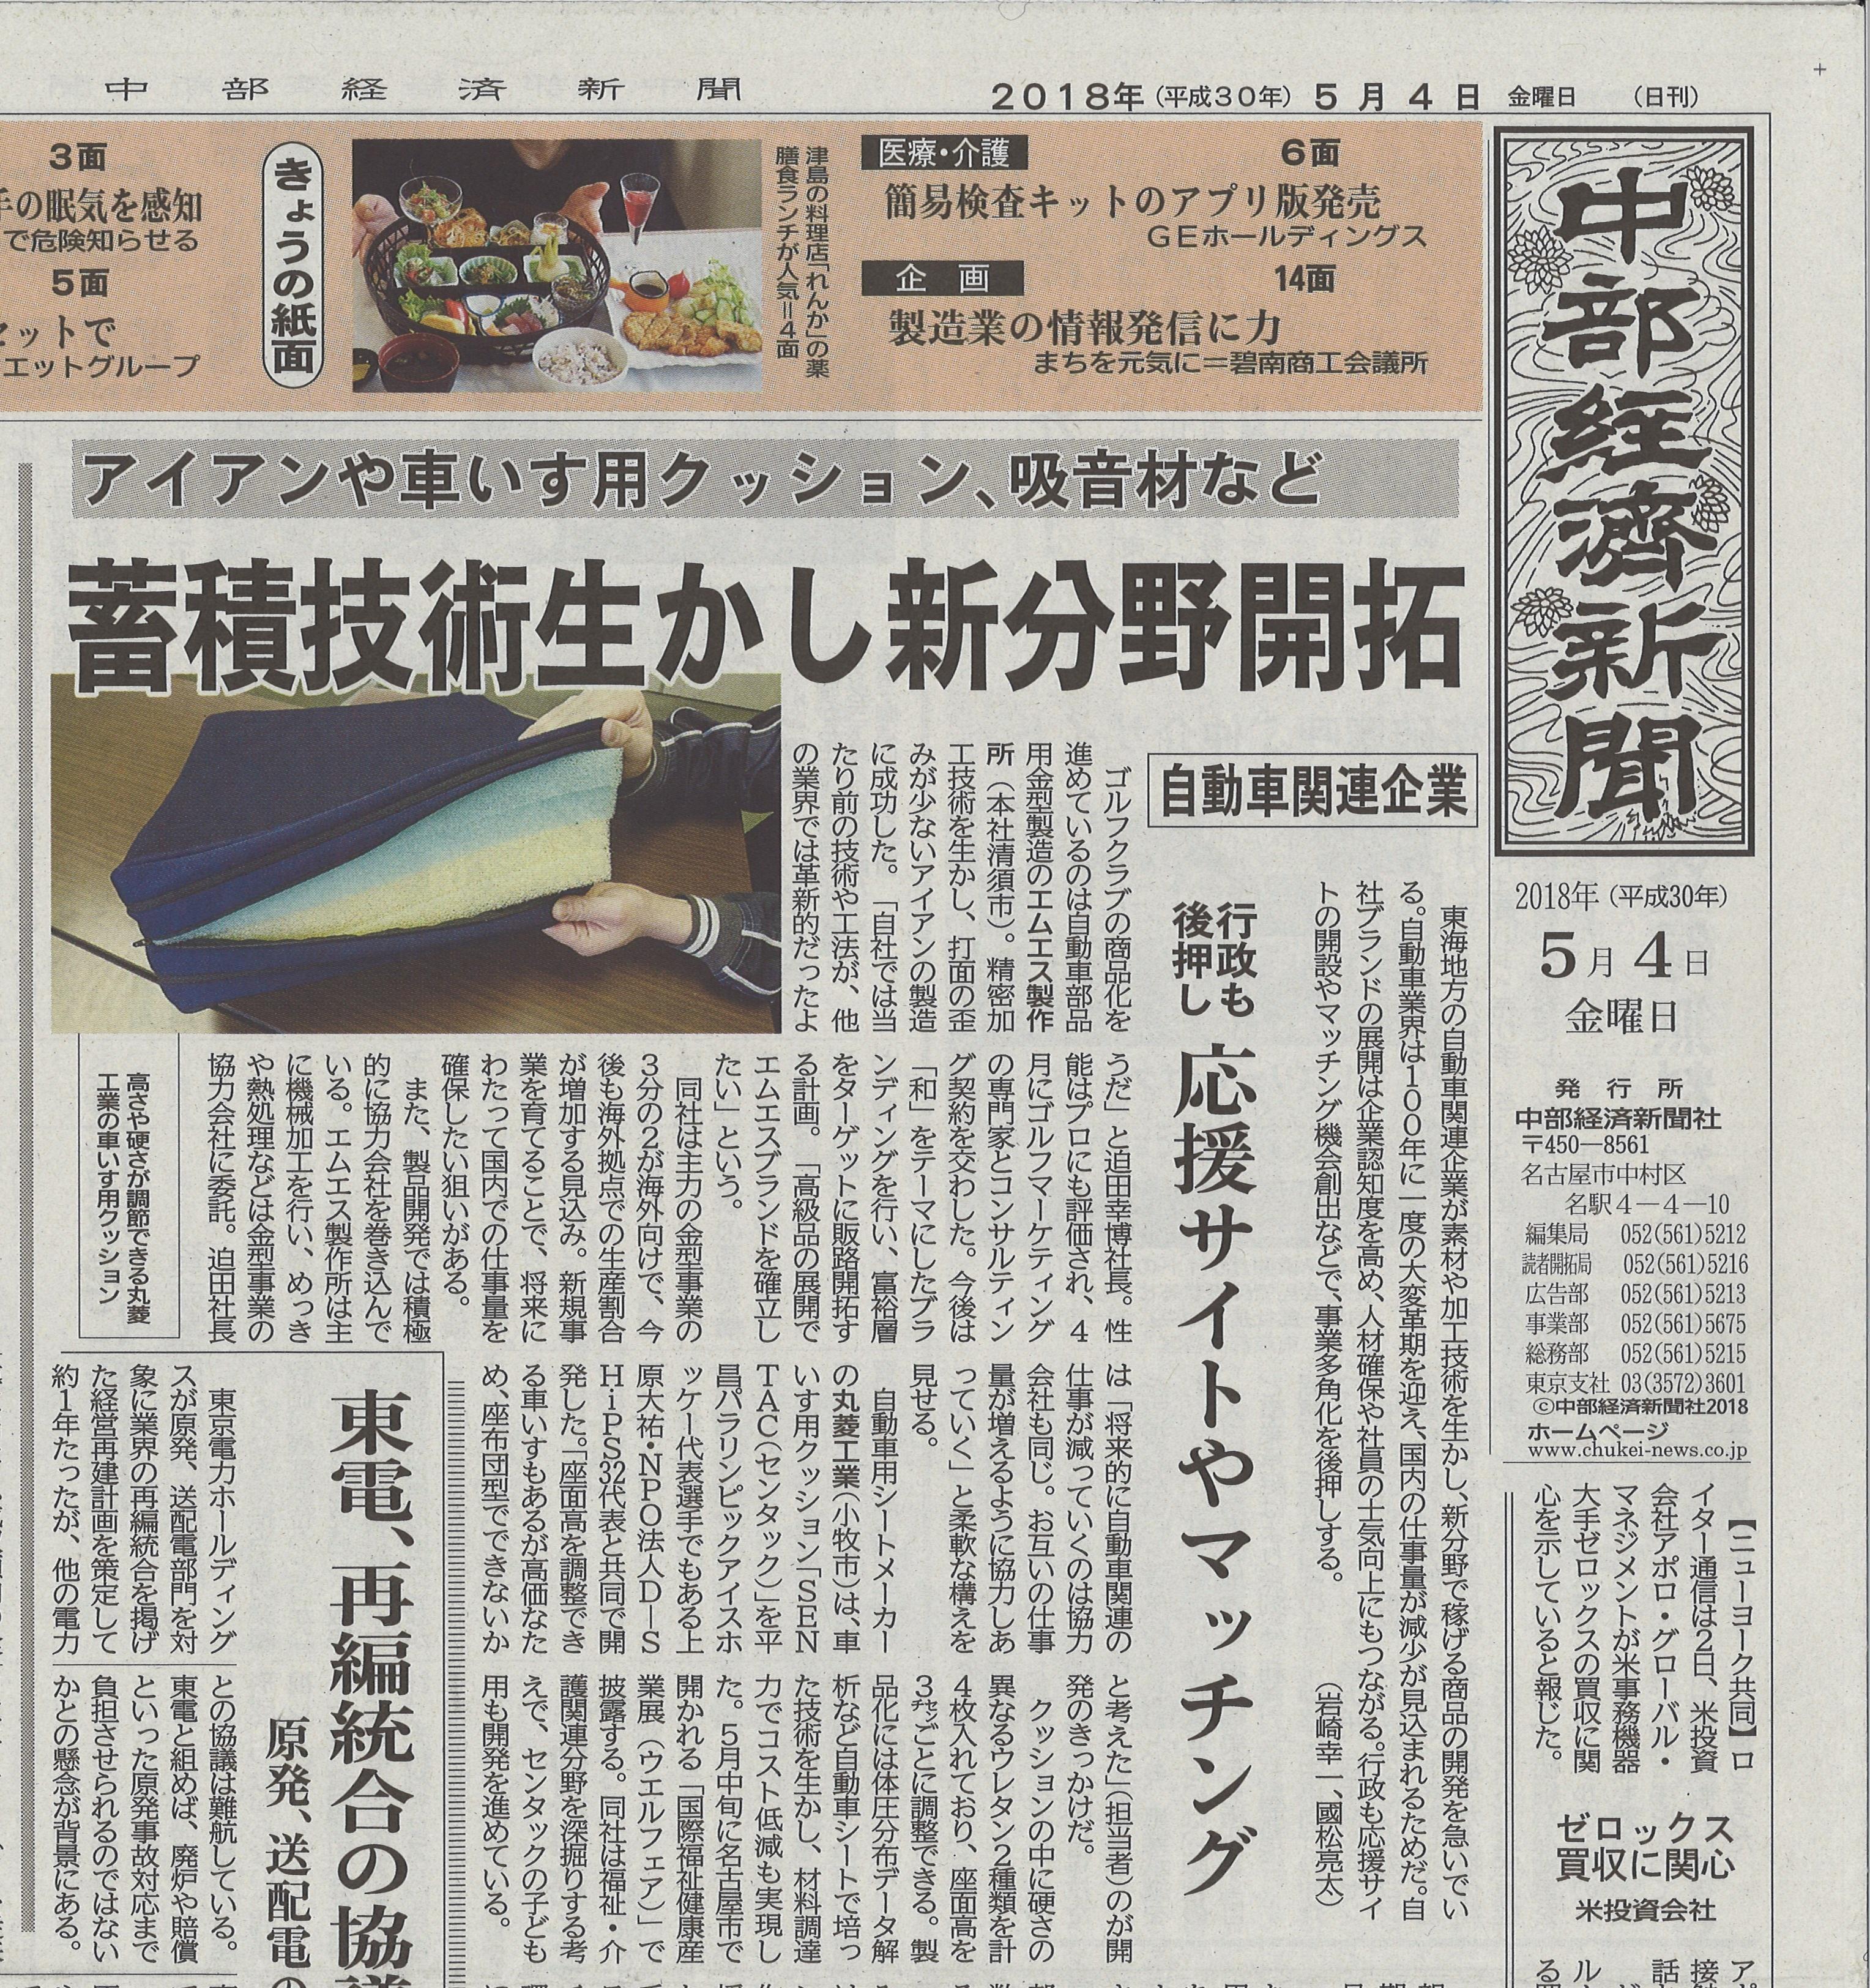 「中部経済新聞(2018年5月4日)」に「センタック」が紹介されました。